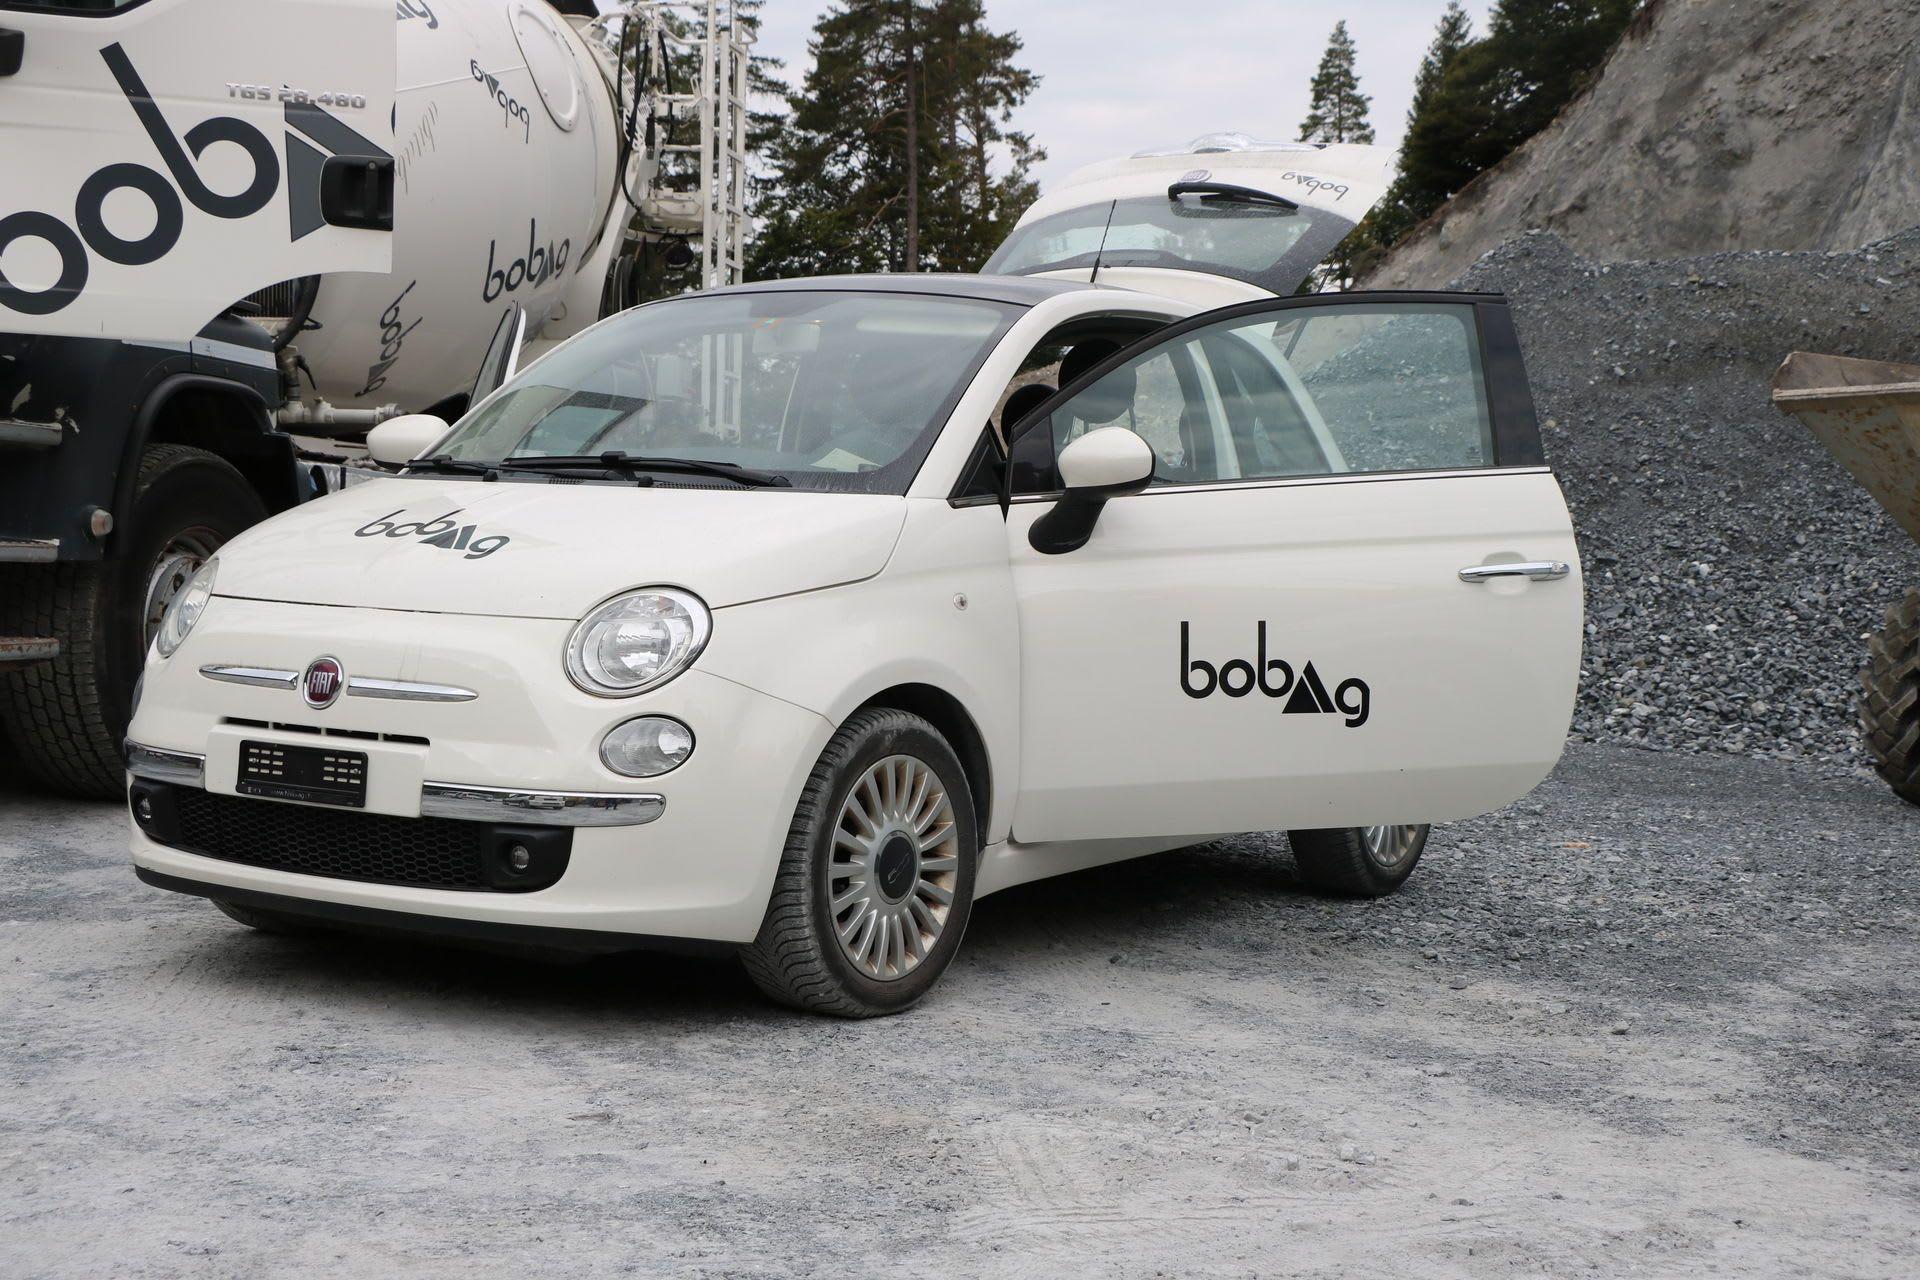 FIAT 500 Pkw